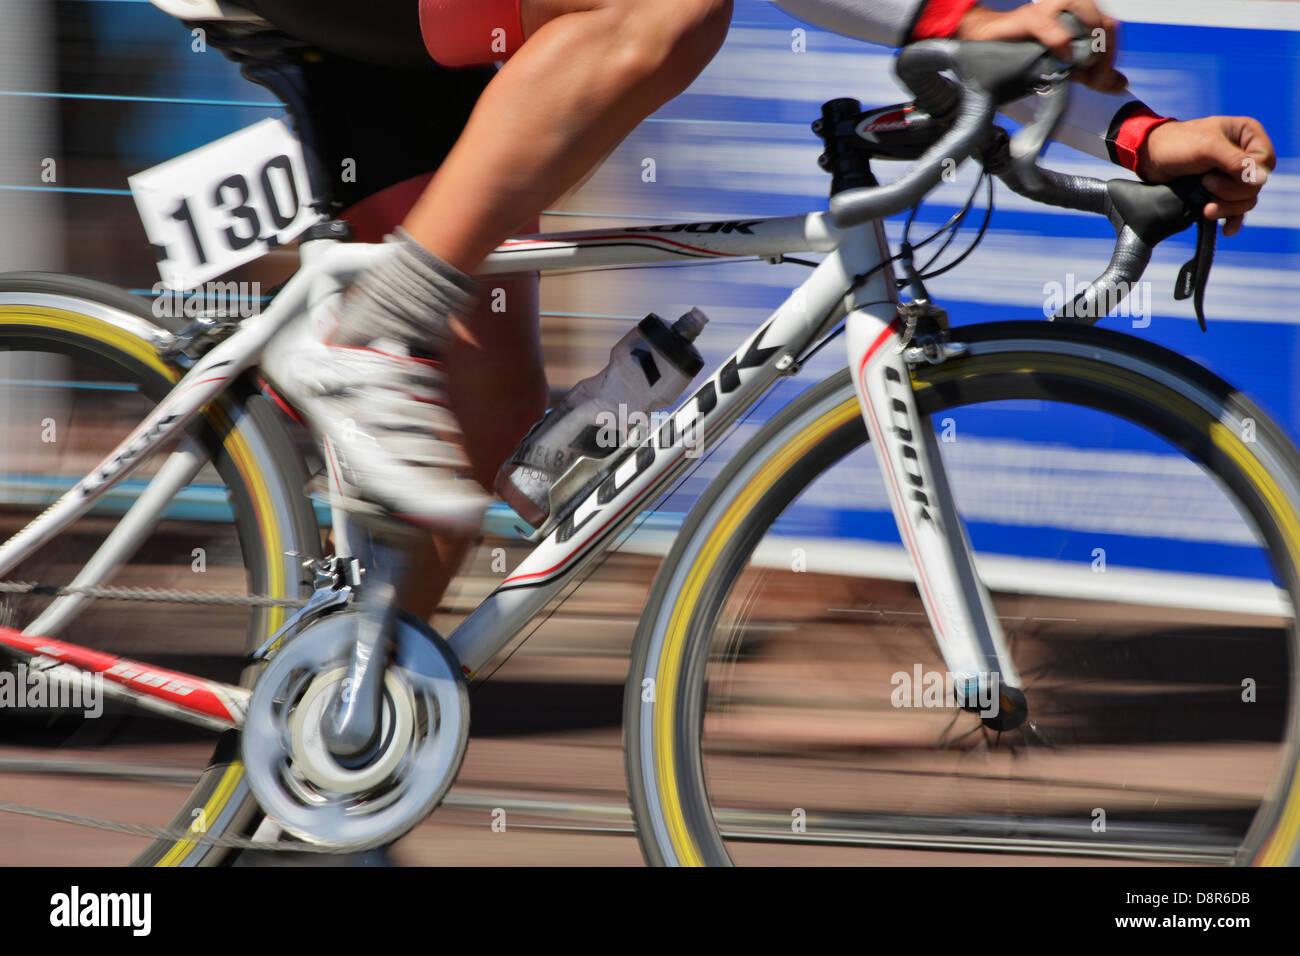 2013 Robert Cameron Law Bastion Square Gran Prix pro cycling men's criterium -Victoria, British Columbia, Canada. - Stock Image